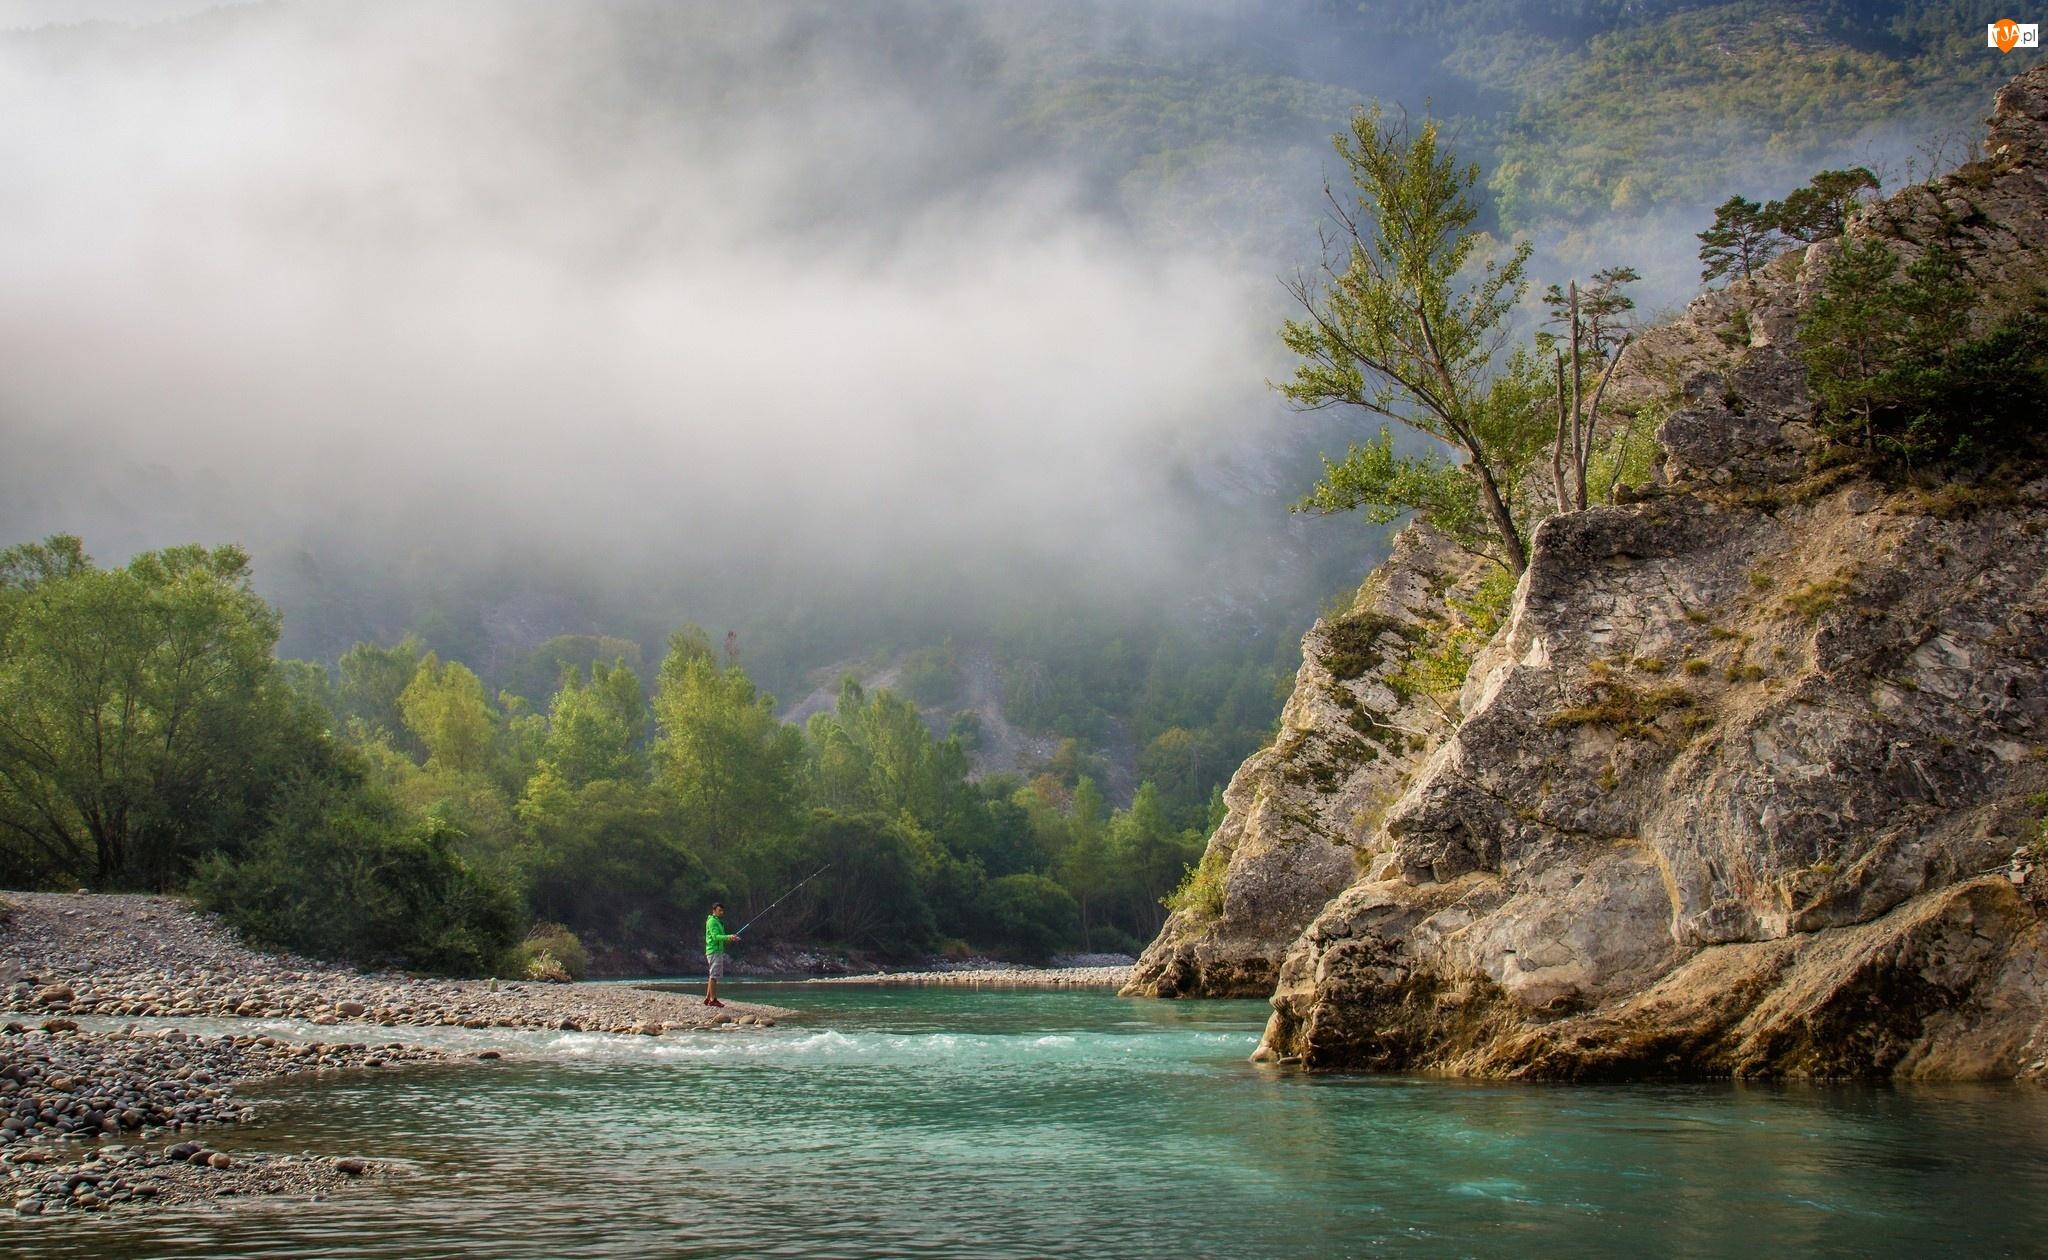 Skały, Wędkarz, Mgła, Rzeka